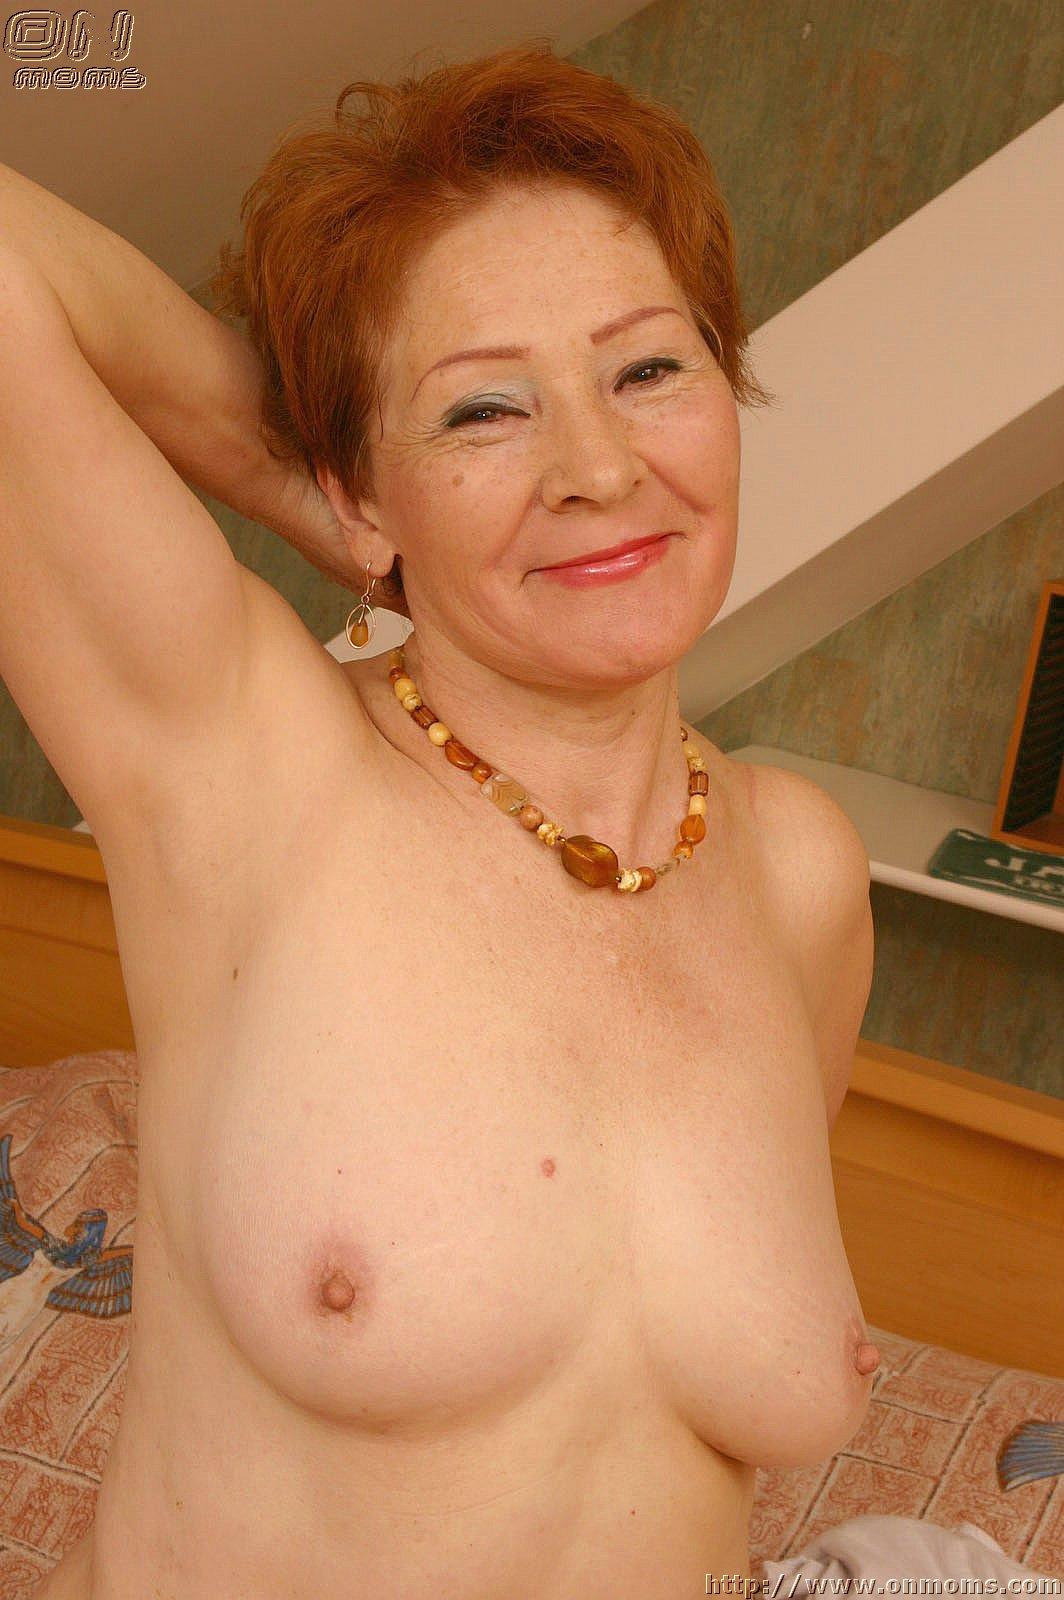 size moms Plus nude